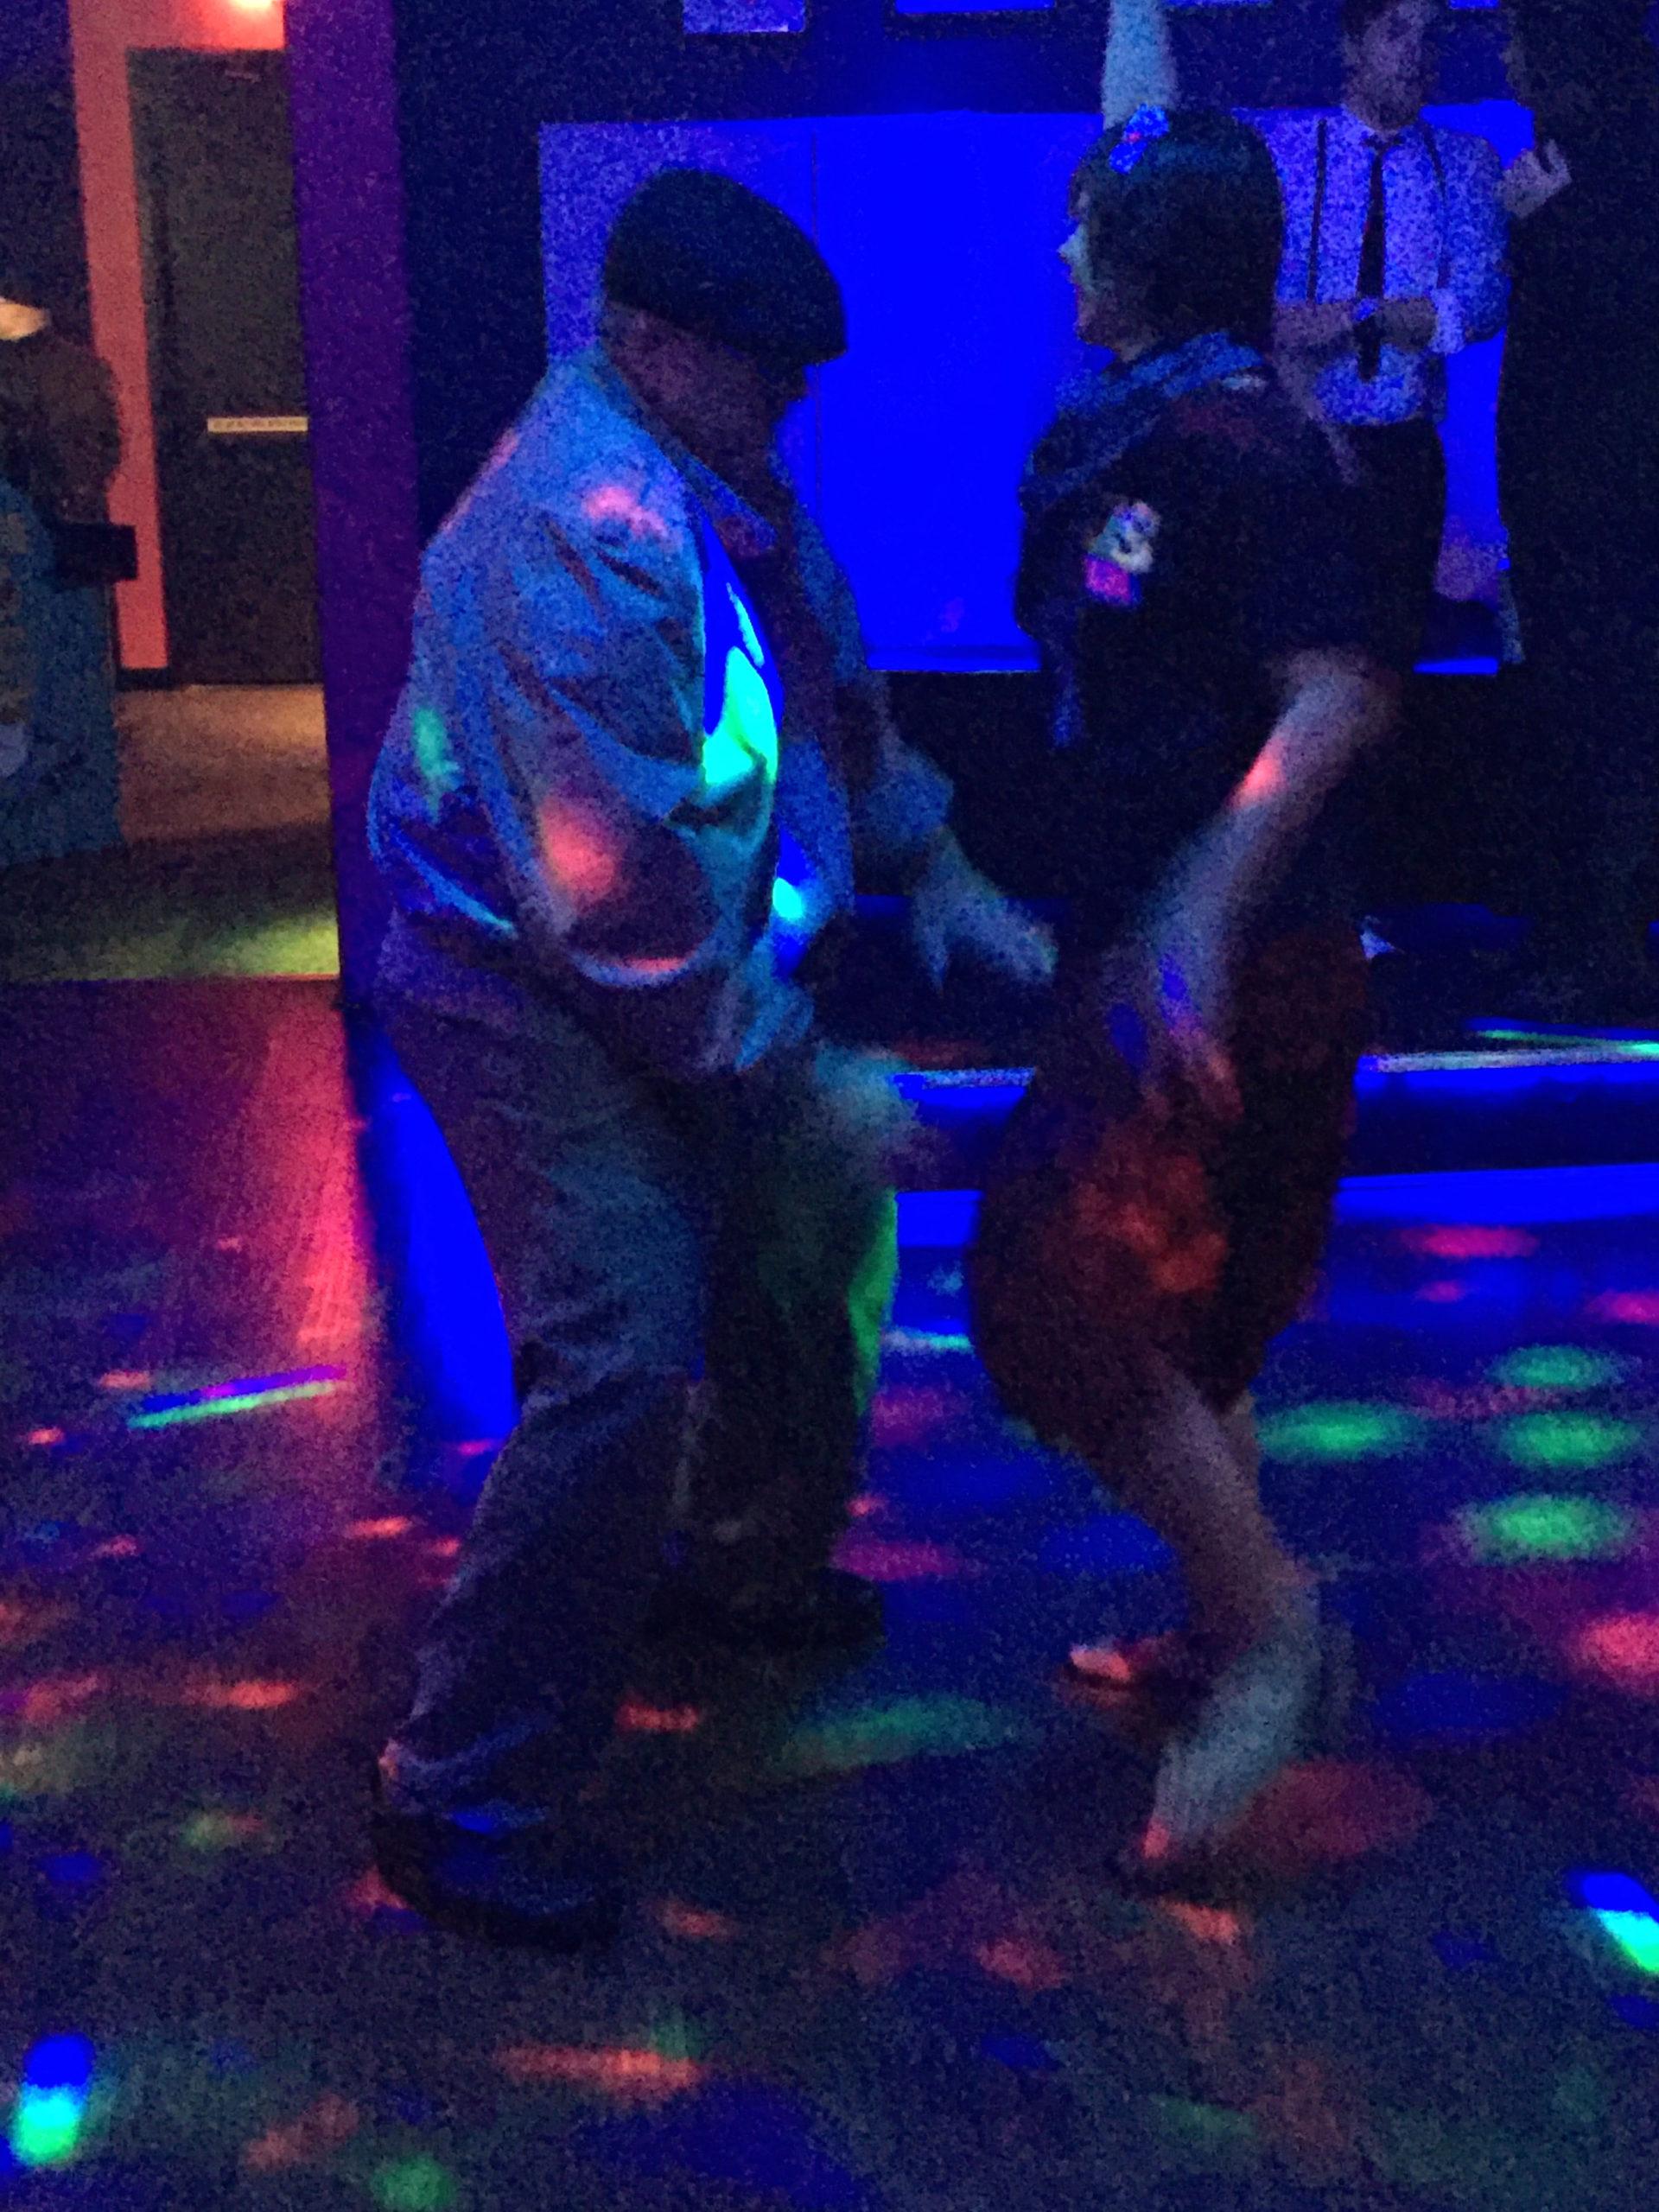 images/Best of Coachella Valley Party 2015-2016/NEWS snapshot van horn